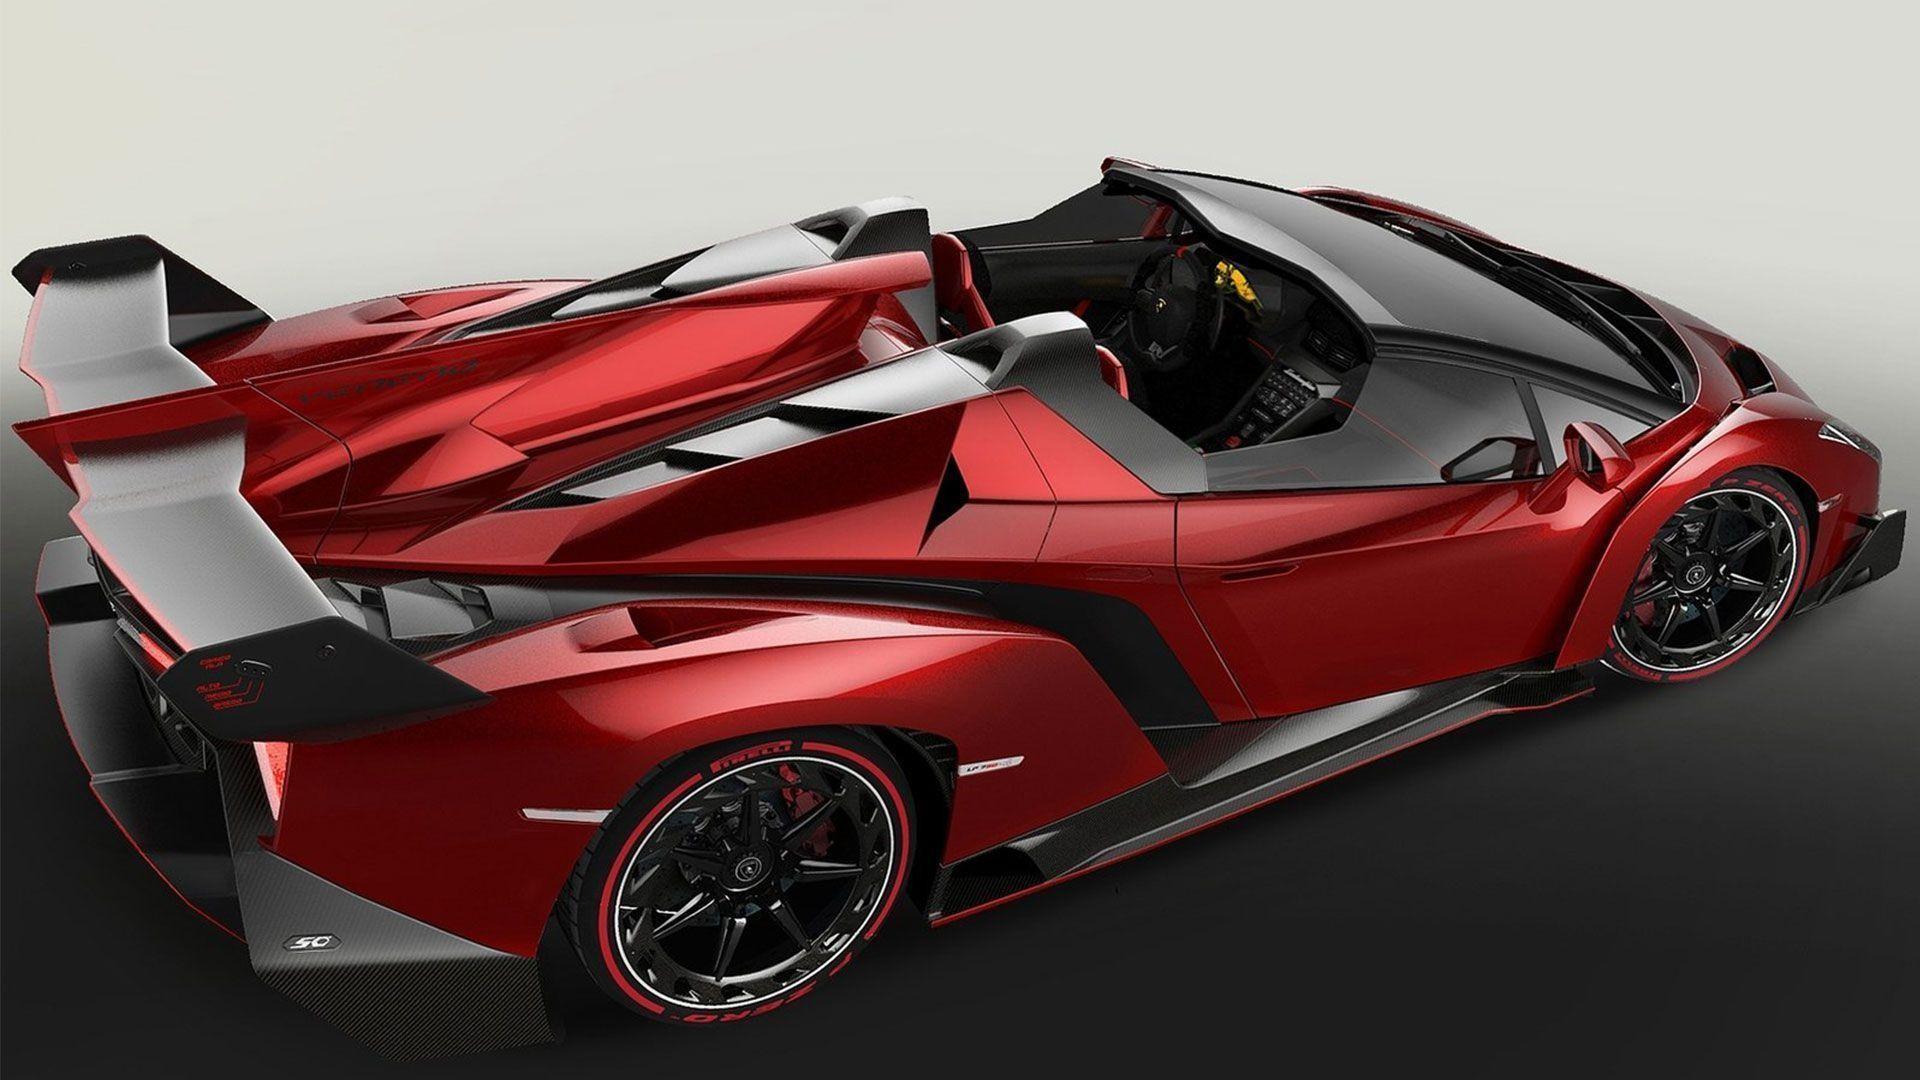 2015 Lamborghini Veneno Wallpaper Full HD (